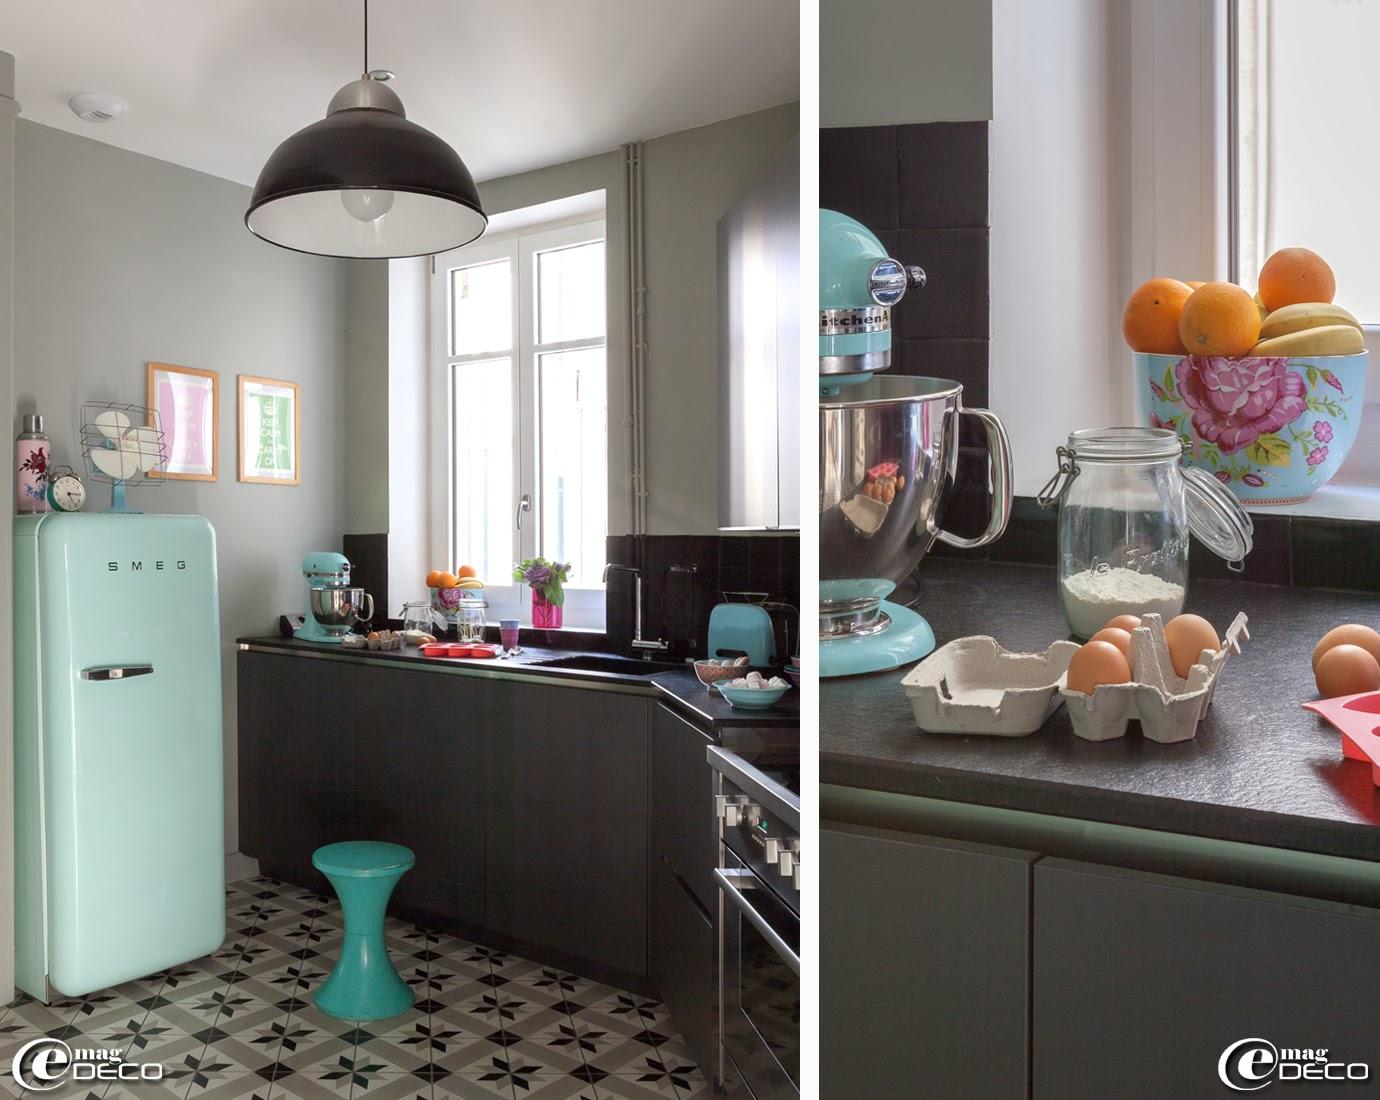 die wohngalerie januar 2014. Black Bedroom Furniture Sets. Home Design Ideas